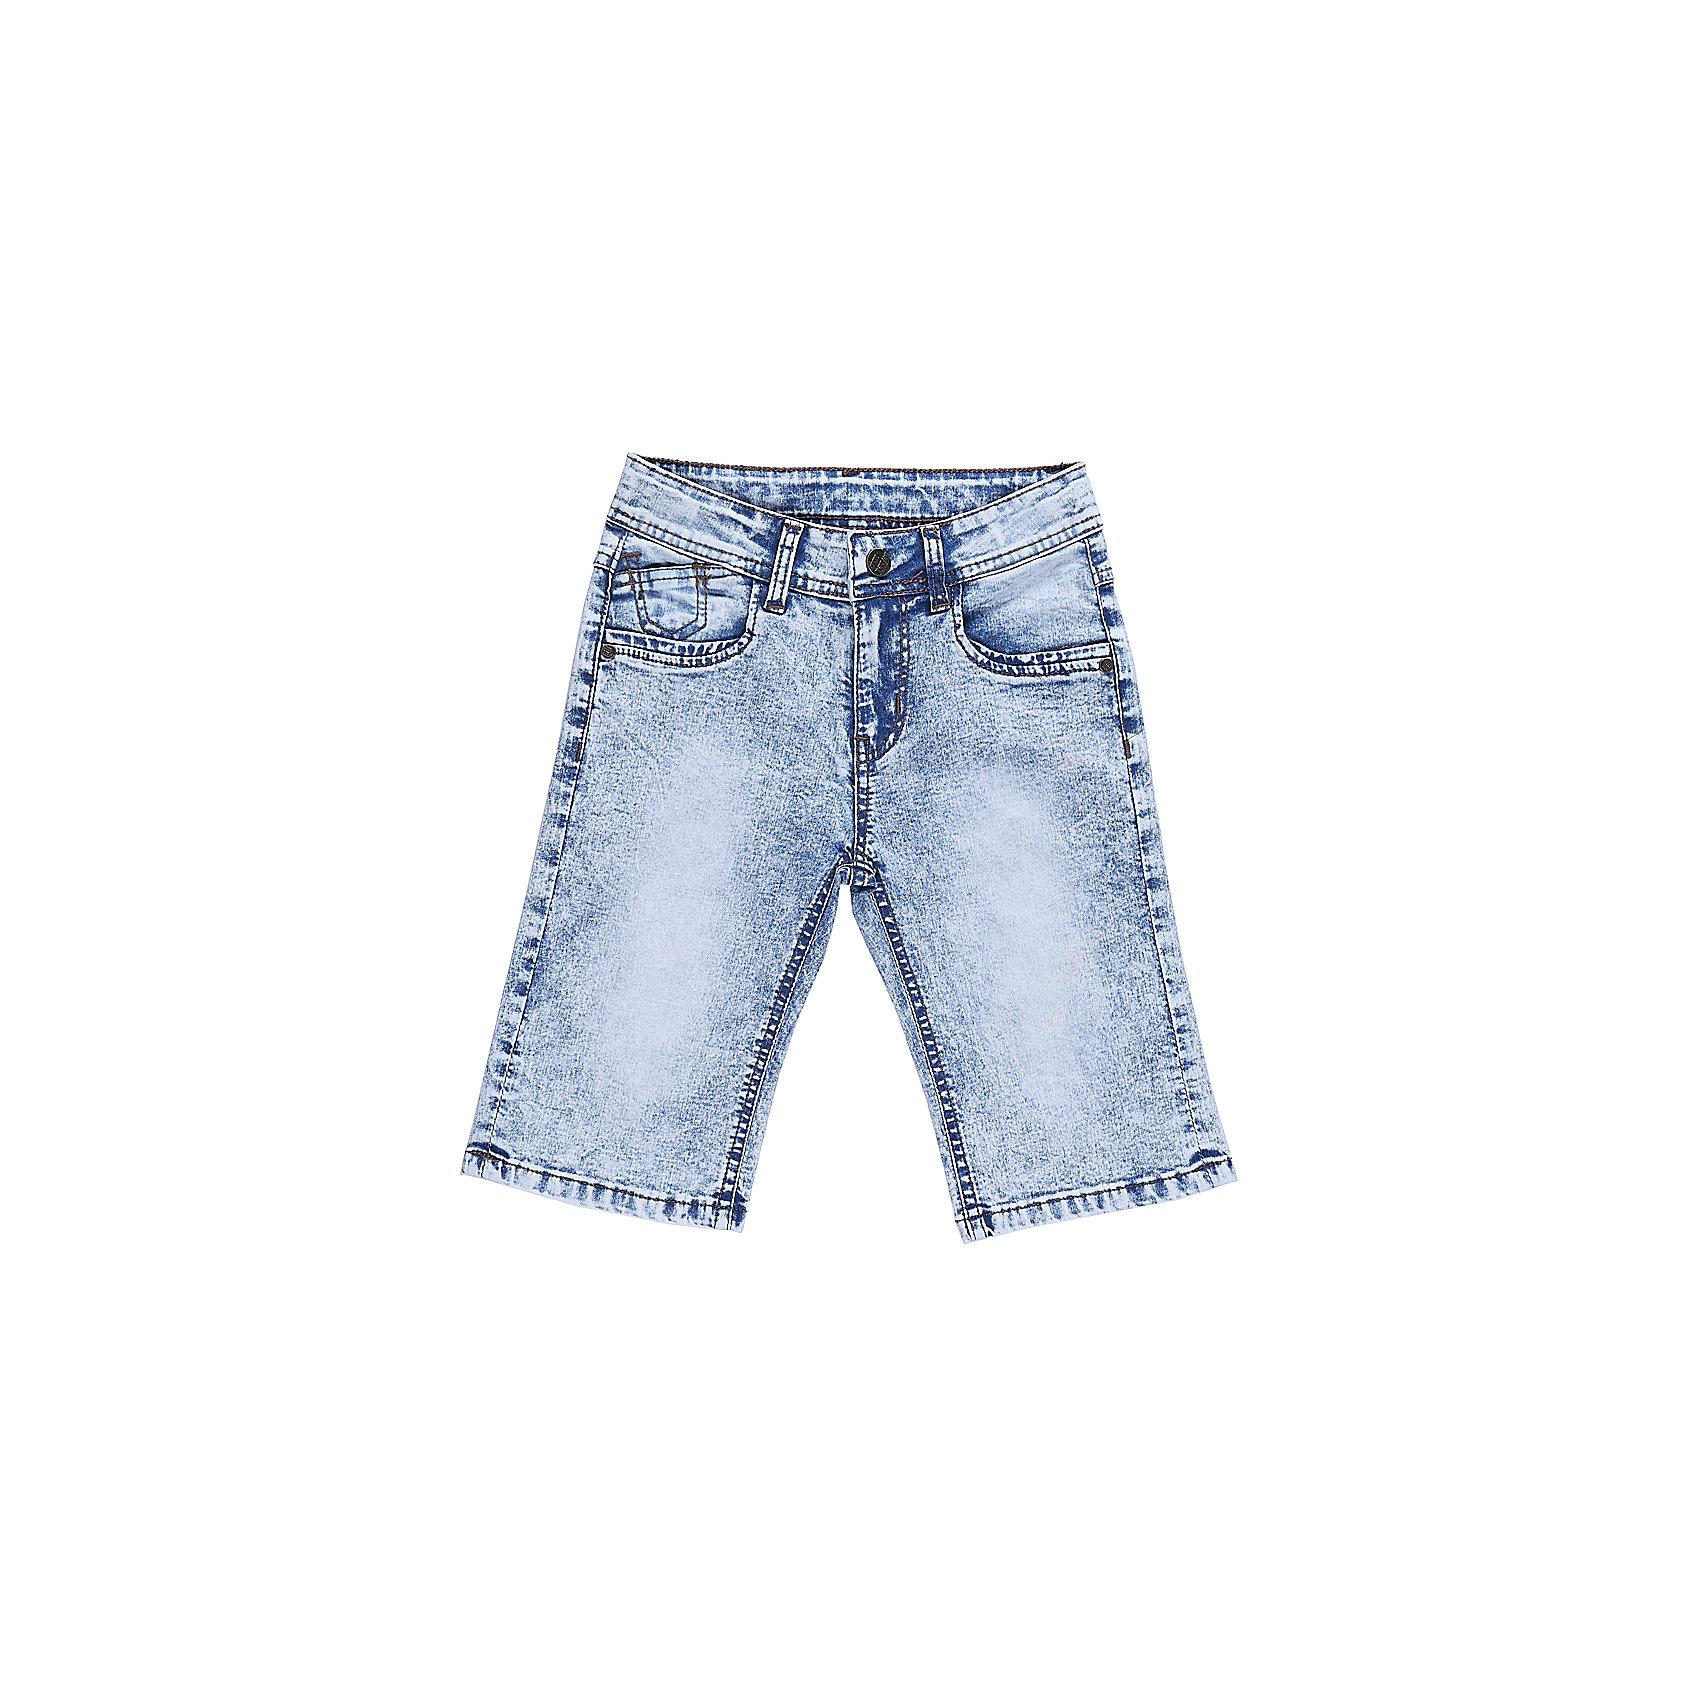 Бриджи джинсовые для мальчика Sweet BerryДжинсовая одежда<br>Джинсовые бриджи для мальчика с оригинальной варкой. Застегиваются на молнию и пуговицу. Имеют зауженный крой, среднюю посадку. Шлевки на поясе рассчитаны под ремень. В боковой части пояса находятся вшитые эластичные ленты, регулирующие посадку по талии.<br>Состав:<br>98%хлопок 2%эластан<br><br>Ширина мм: 191<br>Глубина мм: 10<br>Высота мм: 175<br>Вес г: 273<br>Цвет: голубой<br>Возраст от месяцев: 24<br>Возраст до месяцев: 36<br>Пол: Мужской<br>Возраст: Детский<br>Размер: 98,104,110,116,122,128<br>SKU: 5410797